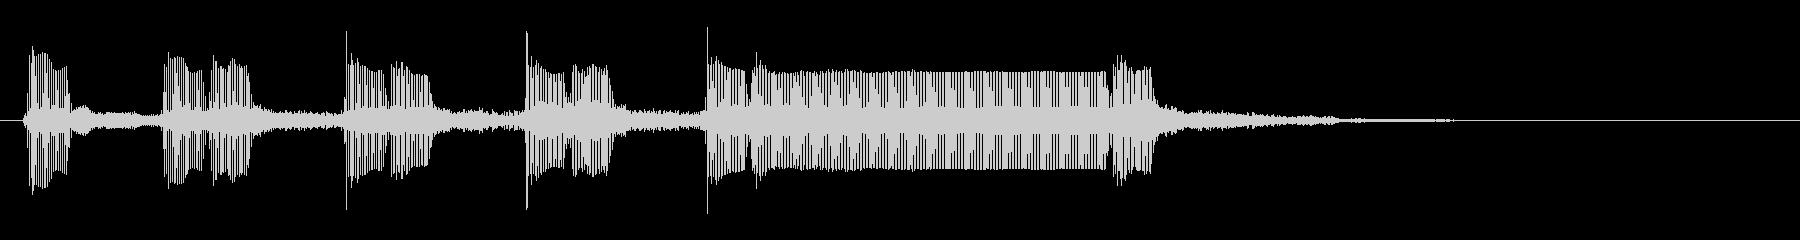 間の抜けたユニークな登場音の未再生の波形